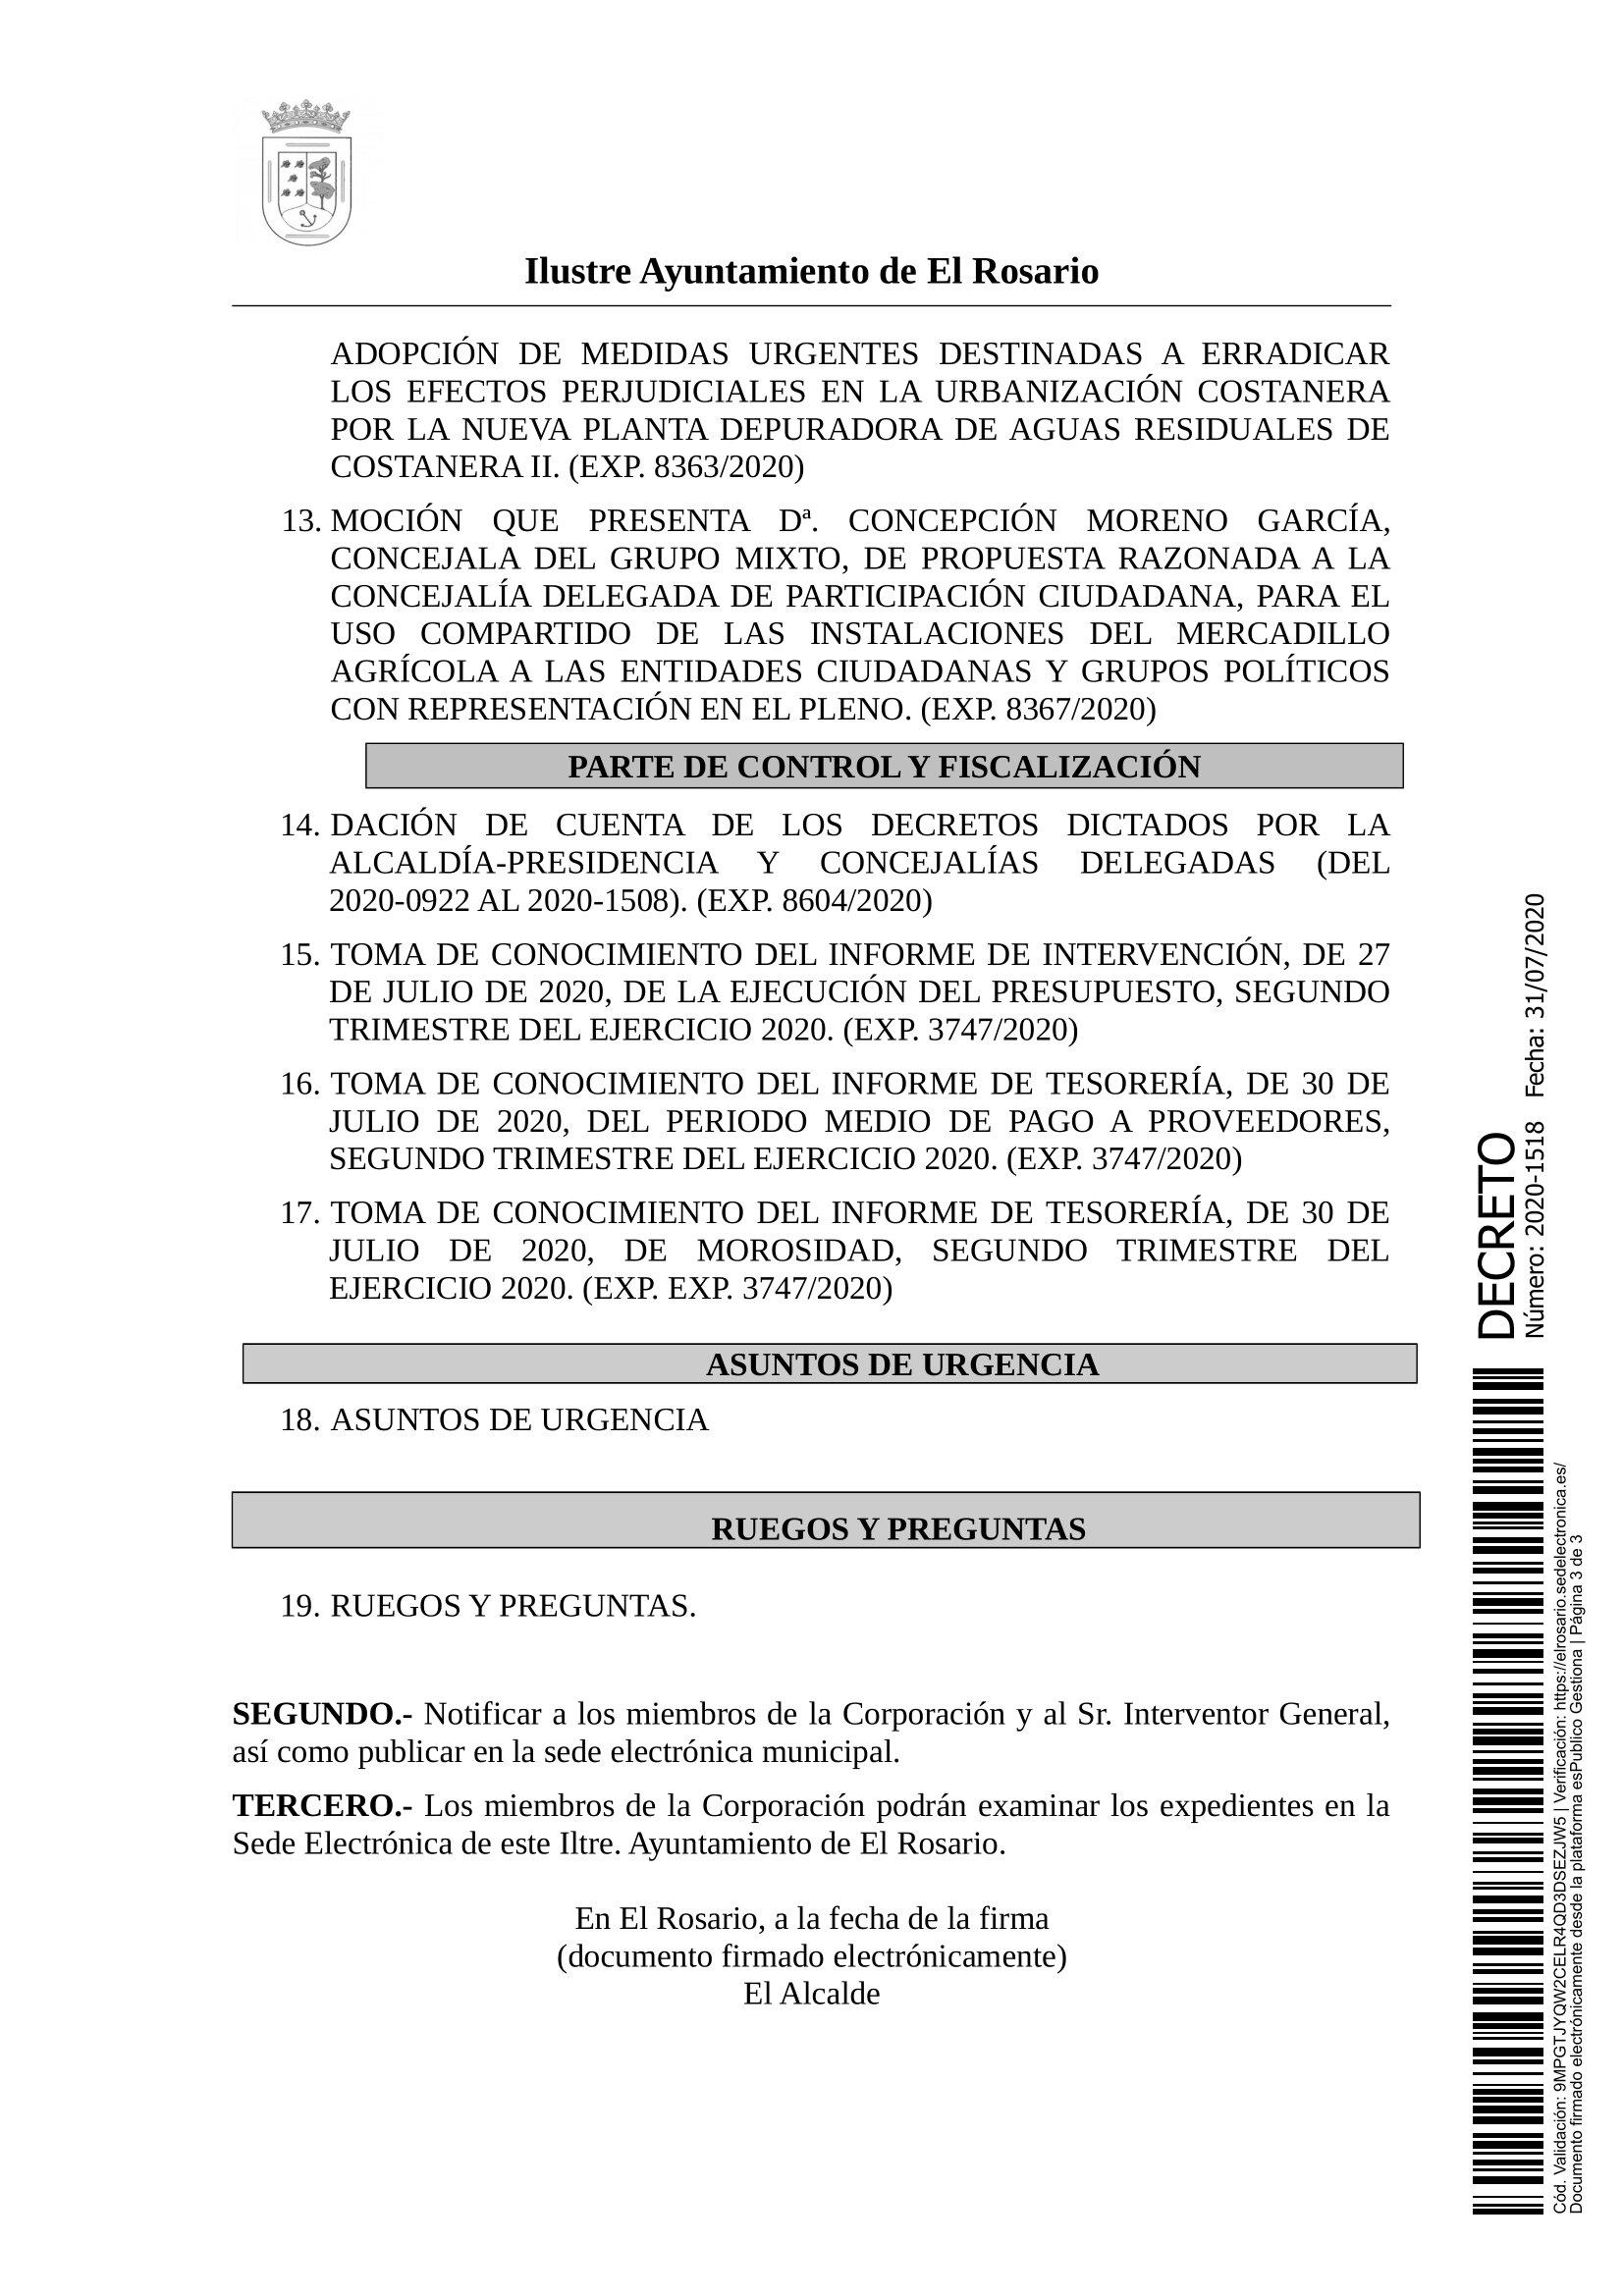 20200731_DECRETO 2020-1518 [Decreto Convocatoria Pleno Ordinario de 6 de agosto de 2020]_0003